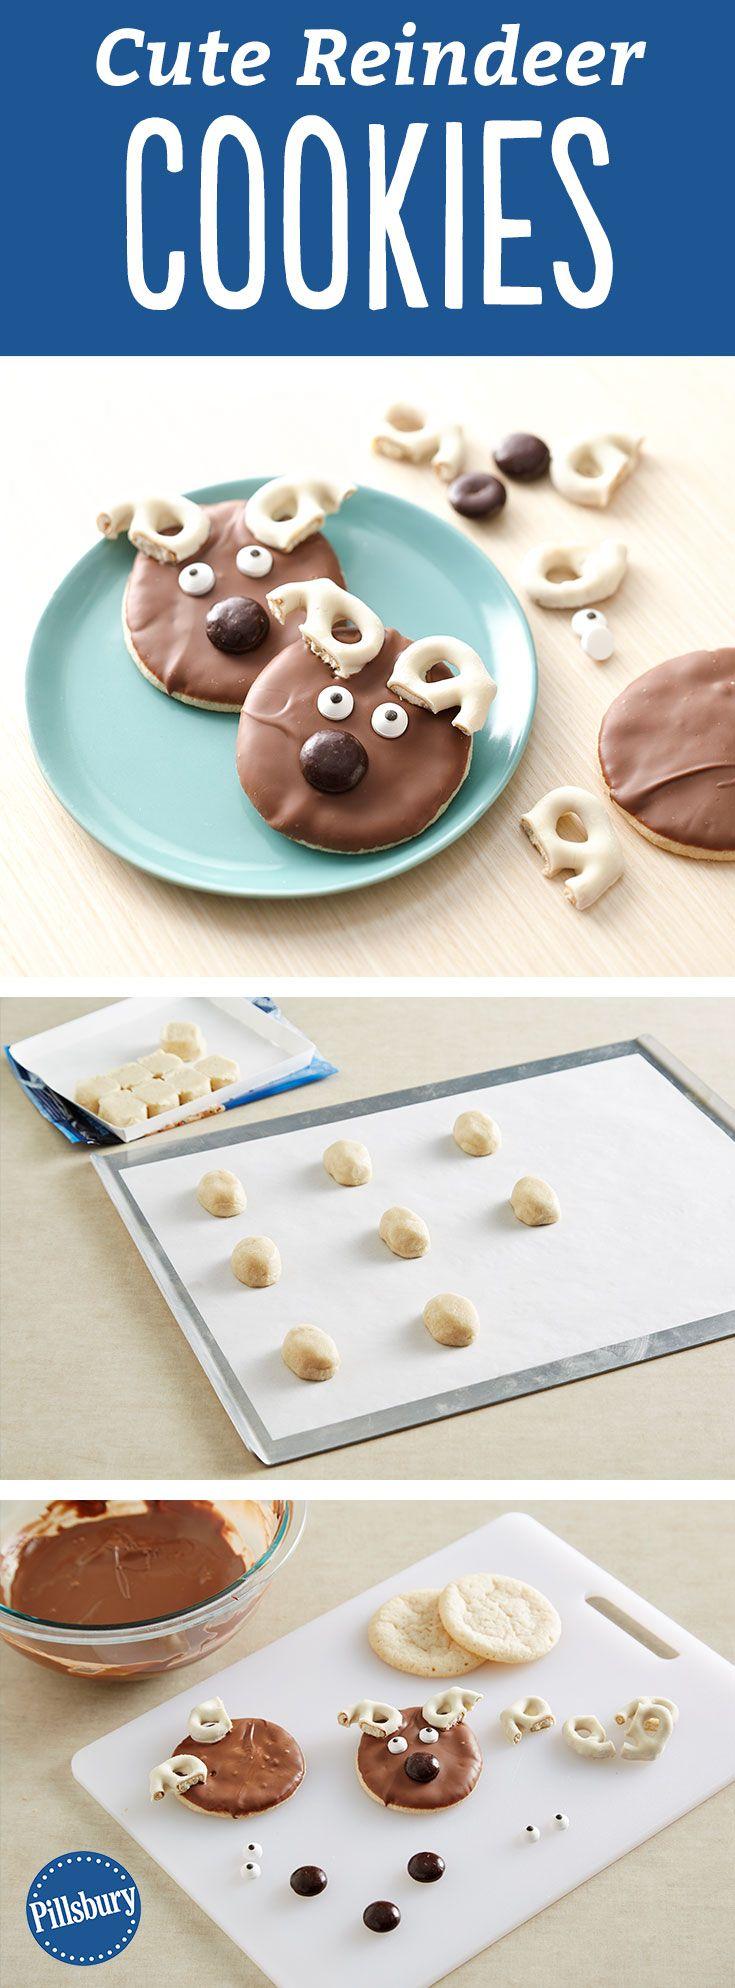 Cute Reindeer Cookies Recipe Reindeer Pillsbury And